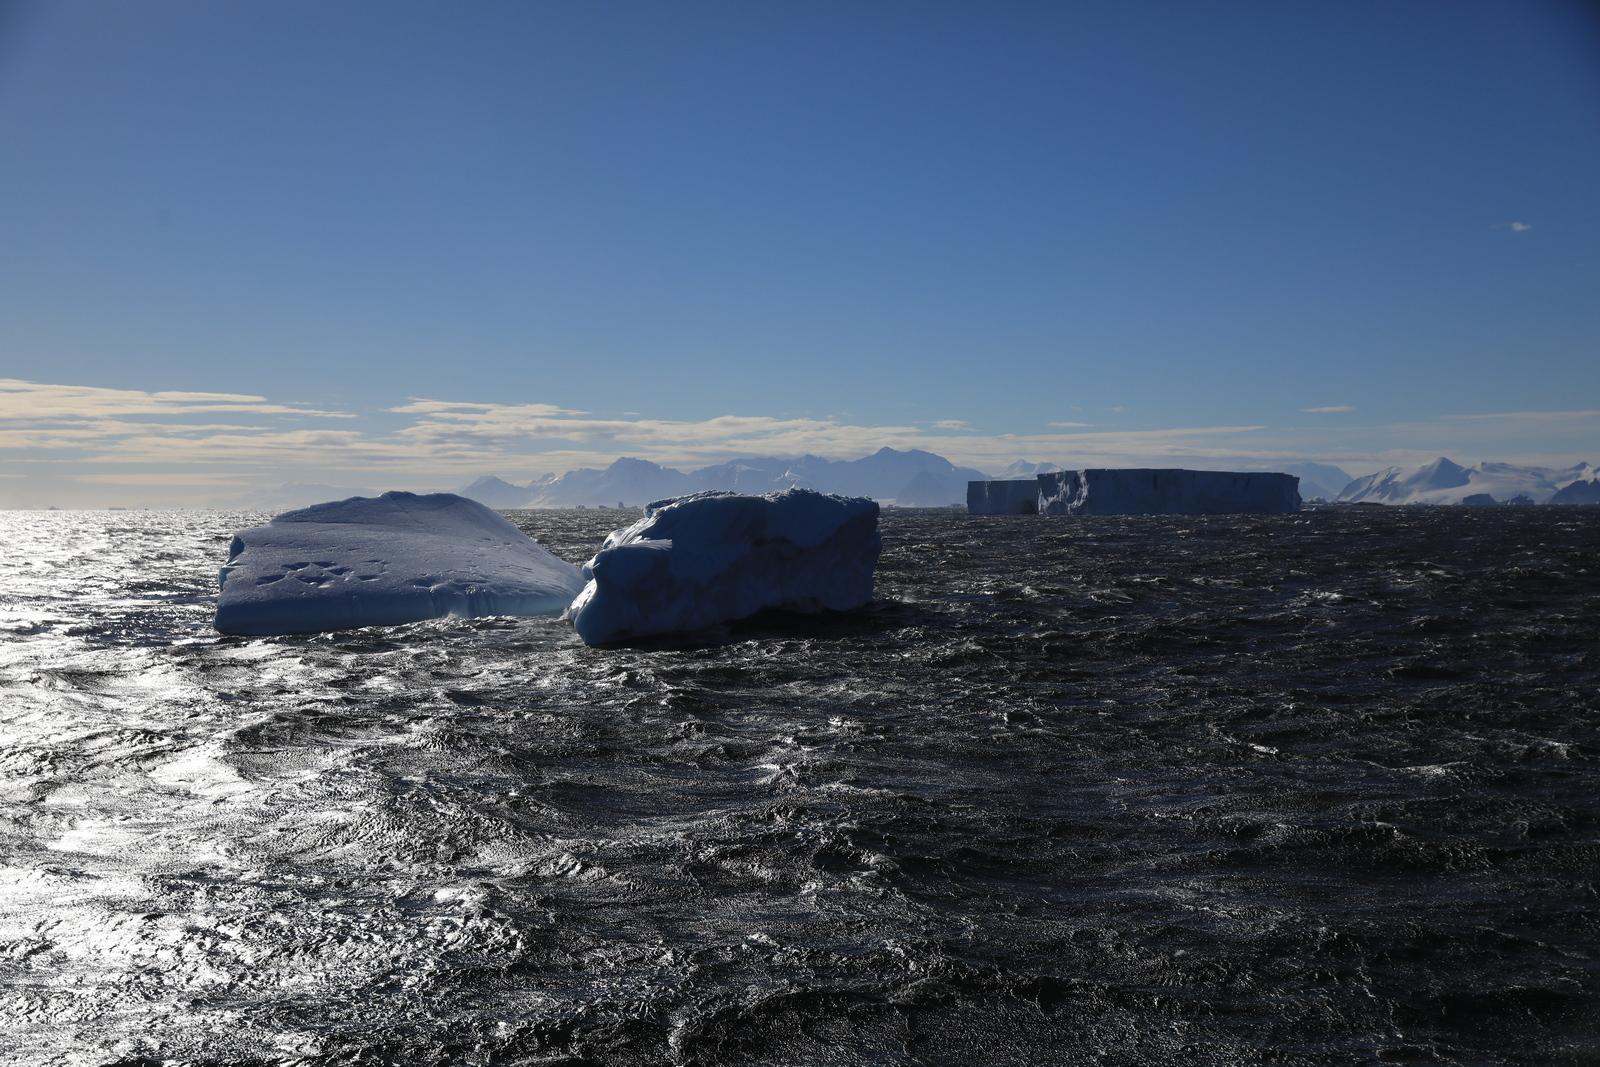 1702_Antarctique_02144_c_sm.jpg